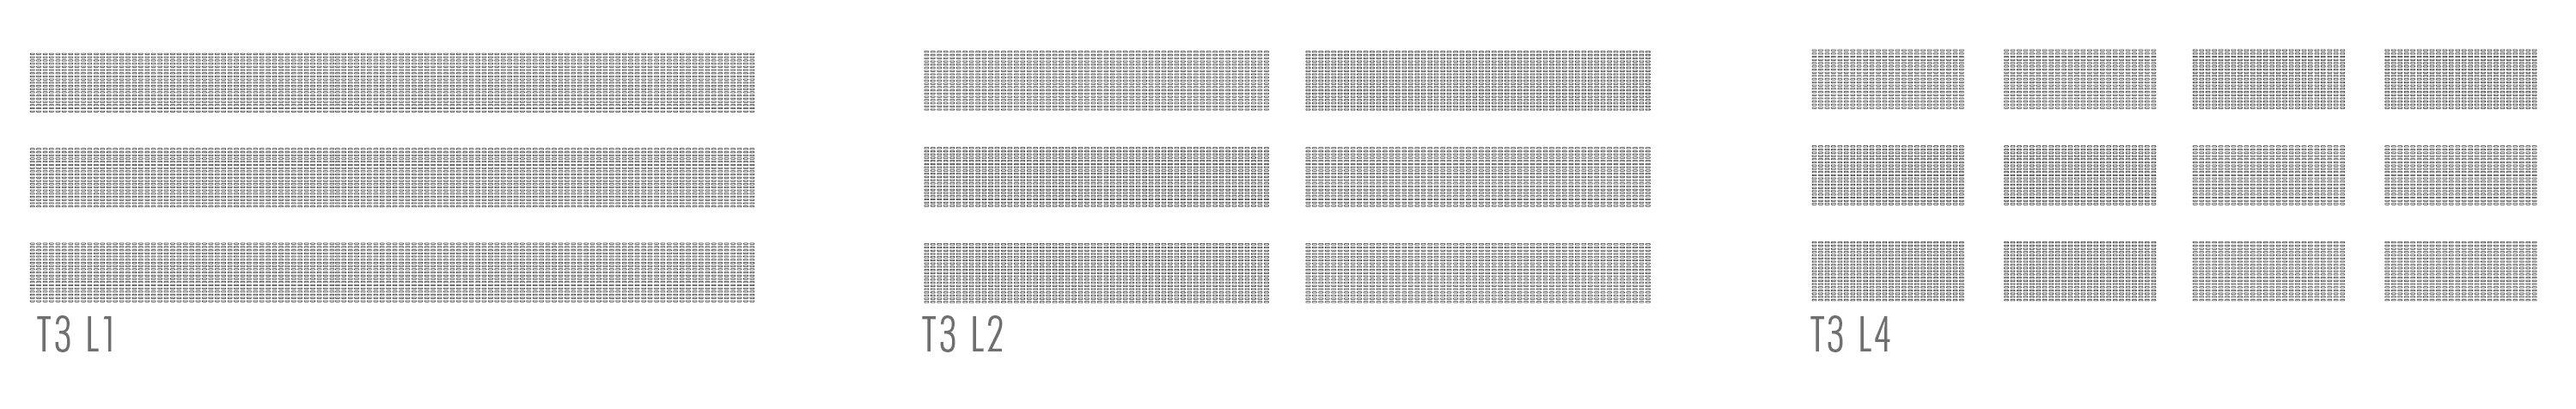 delta4-tangent-perforations